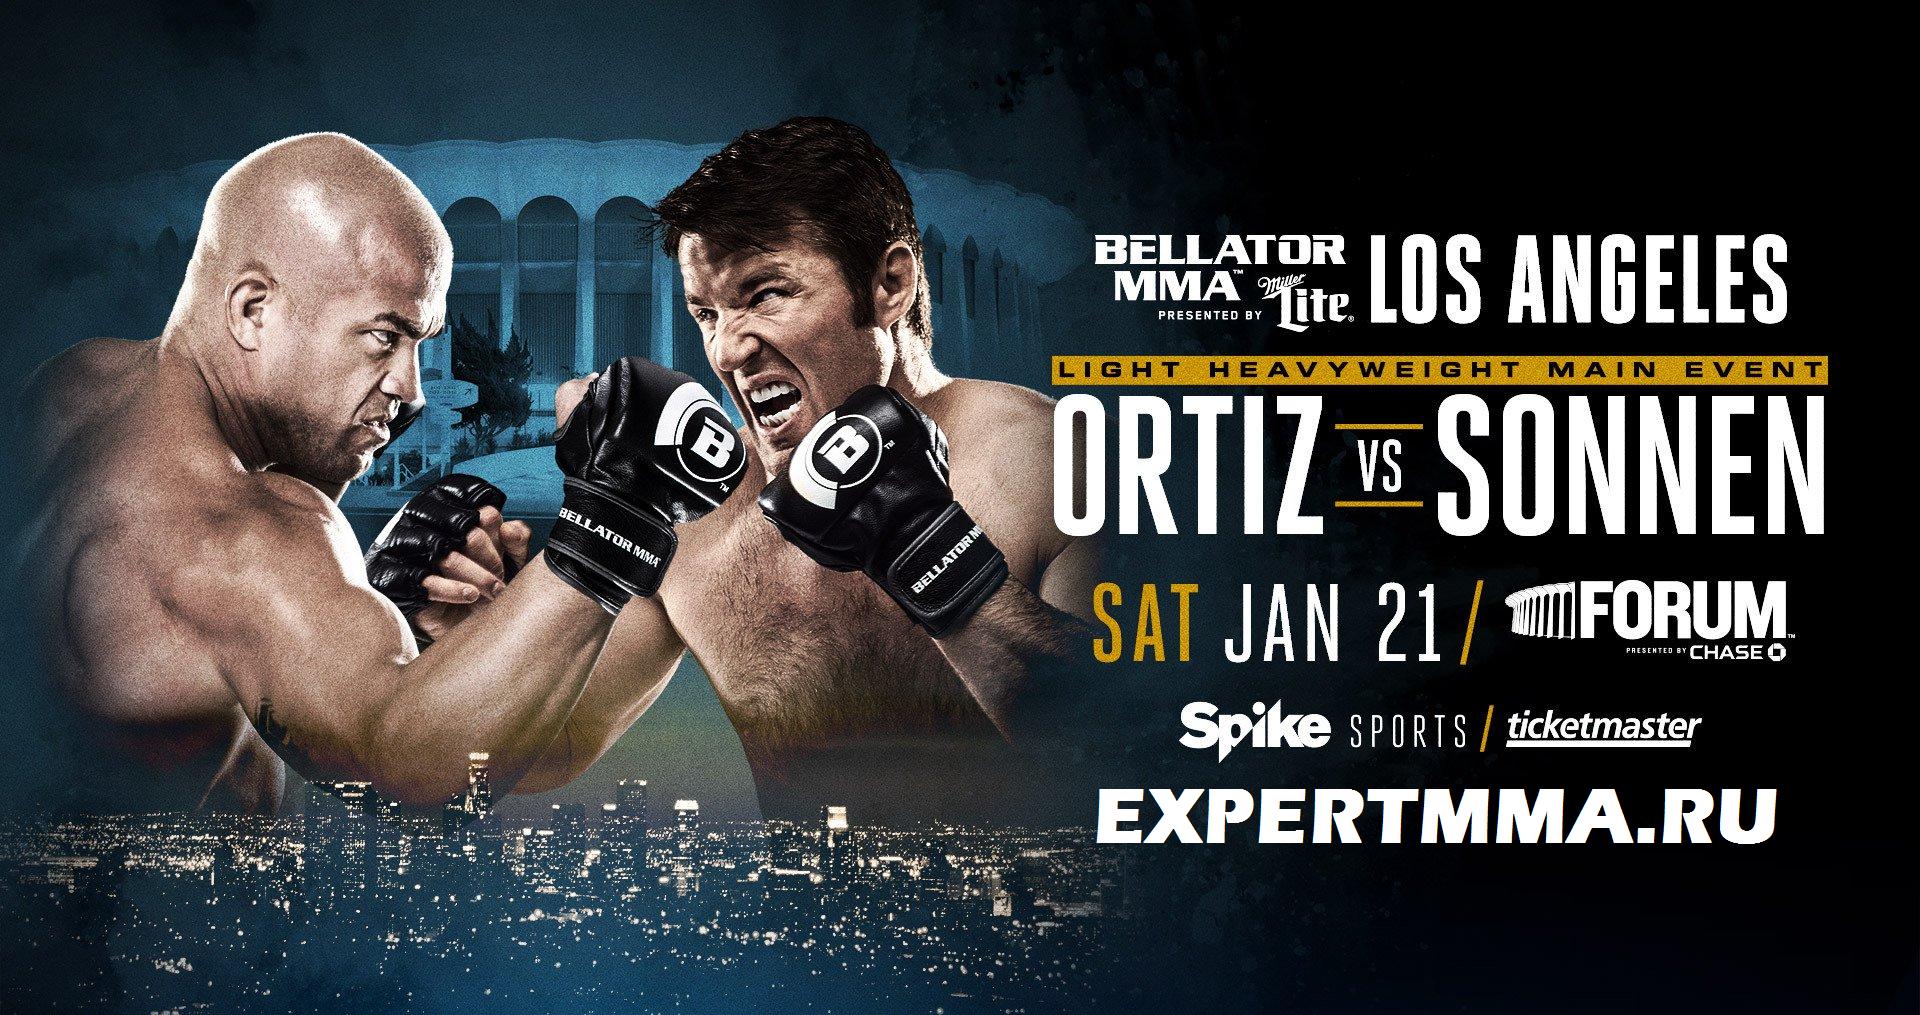 Bellator_170_betting_picks_Ortiz_vs_Sonnen_betting_tips_Sonnen_vs_Ortiz_bets_Luca_fury_betting.jpg